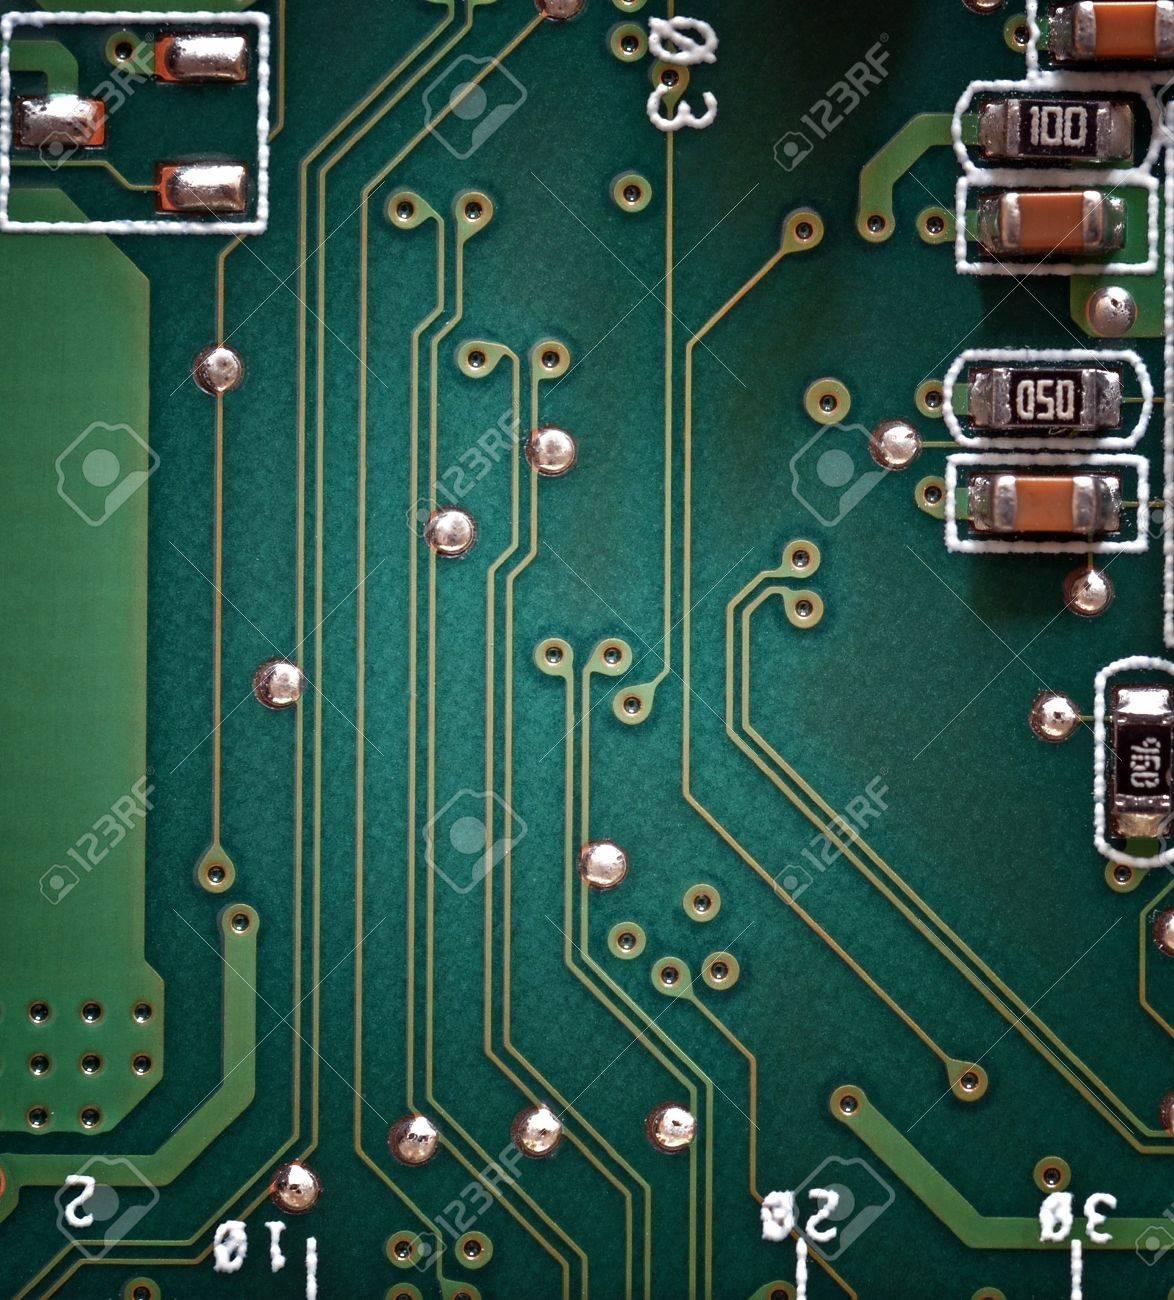 Electronic circuit board Stock Photo - 14524449